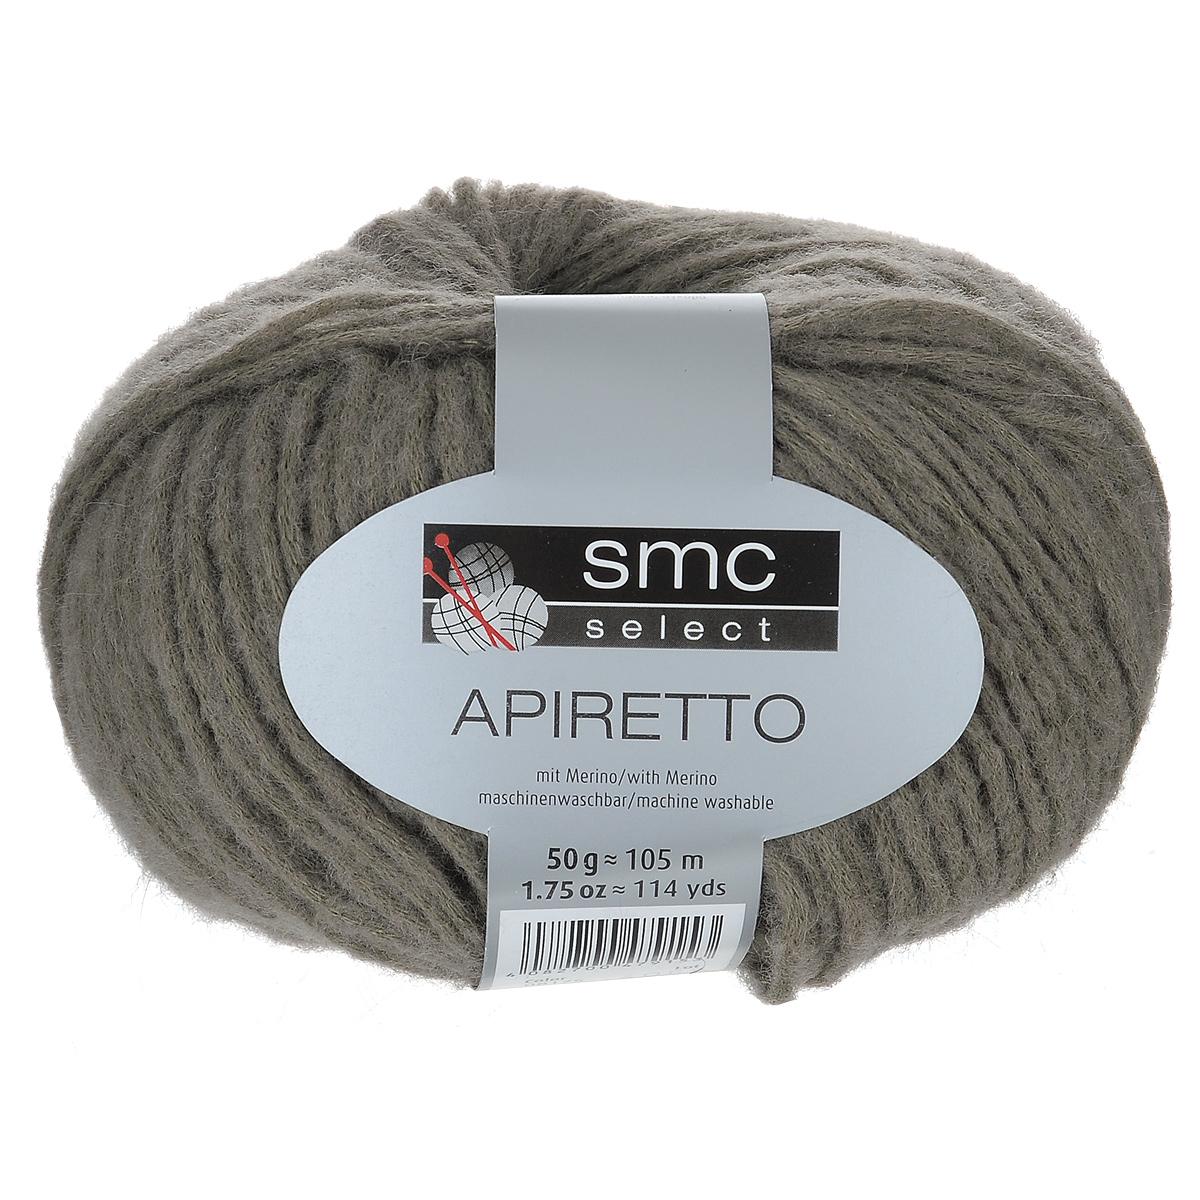 Пряжа для вязания SMC Select Apiretto, цвет: серо-зеленый (8175), 105 м, 50 г. 9811761-81759811761-8175Пряжа для вязания SMC Select Apiretto - это дизайнерская высококачественная пряжа с инновационной технологией производства нити. Произведена путем вдувания шерстяной составляющей в основу из полиамида в виде шнура. При вязании получается эффект в пуху. Готовое изделие рекомендуется постирать, чтобы пряжа распушилась. Рекомендованы спицы и крючок №5-5,5. Толщина нити: 2,5 мм. Состав: 55% полиамид, 35% натуральная шерсть, 10% ангора. Вес мотка: 50 г. Длина нити: 105 м.